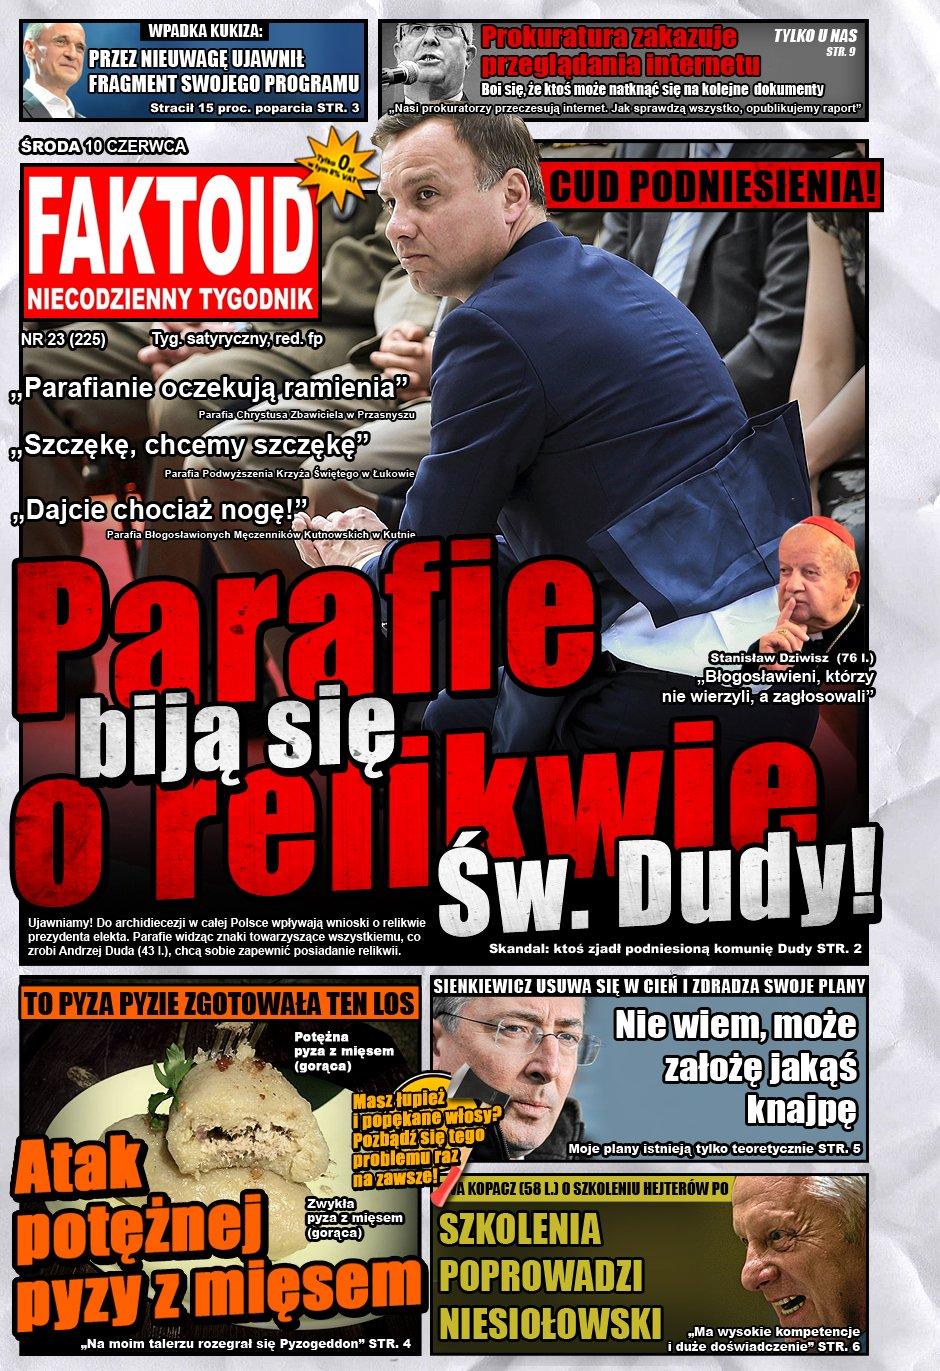 Faktoid: Parafie biją się o relikwie Dudy - Tylko w Faktoidzie: Parafie biją się o relikwie Dudy! - Faktoid